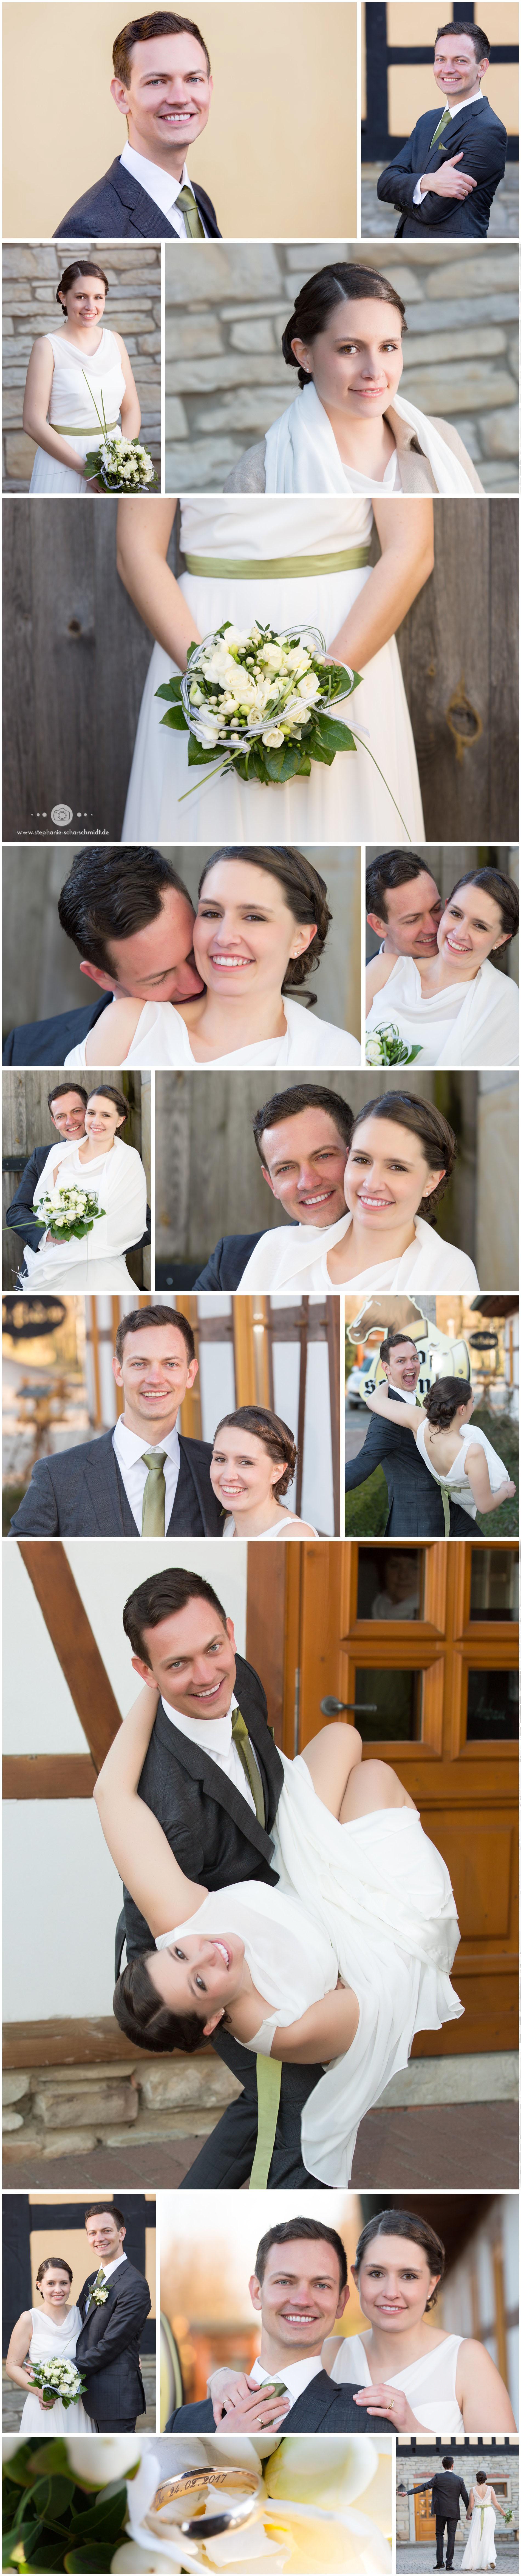 11 – Brautpaar Fotoshooting bei Gera in Thüringen – Hochzeitsfotograf Gera Hochzeitsfotografin Stephanie Scharschmidt